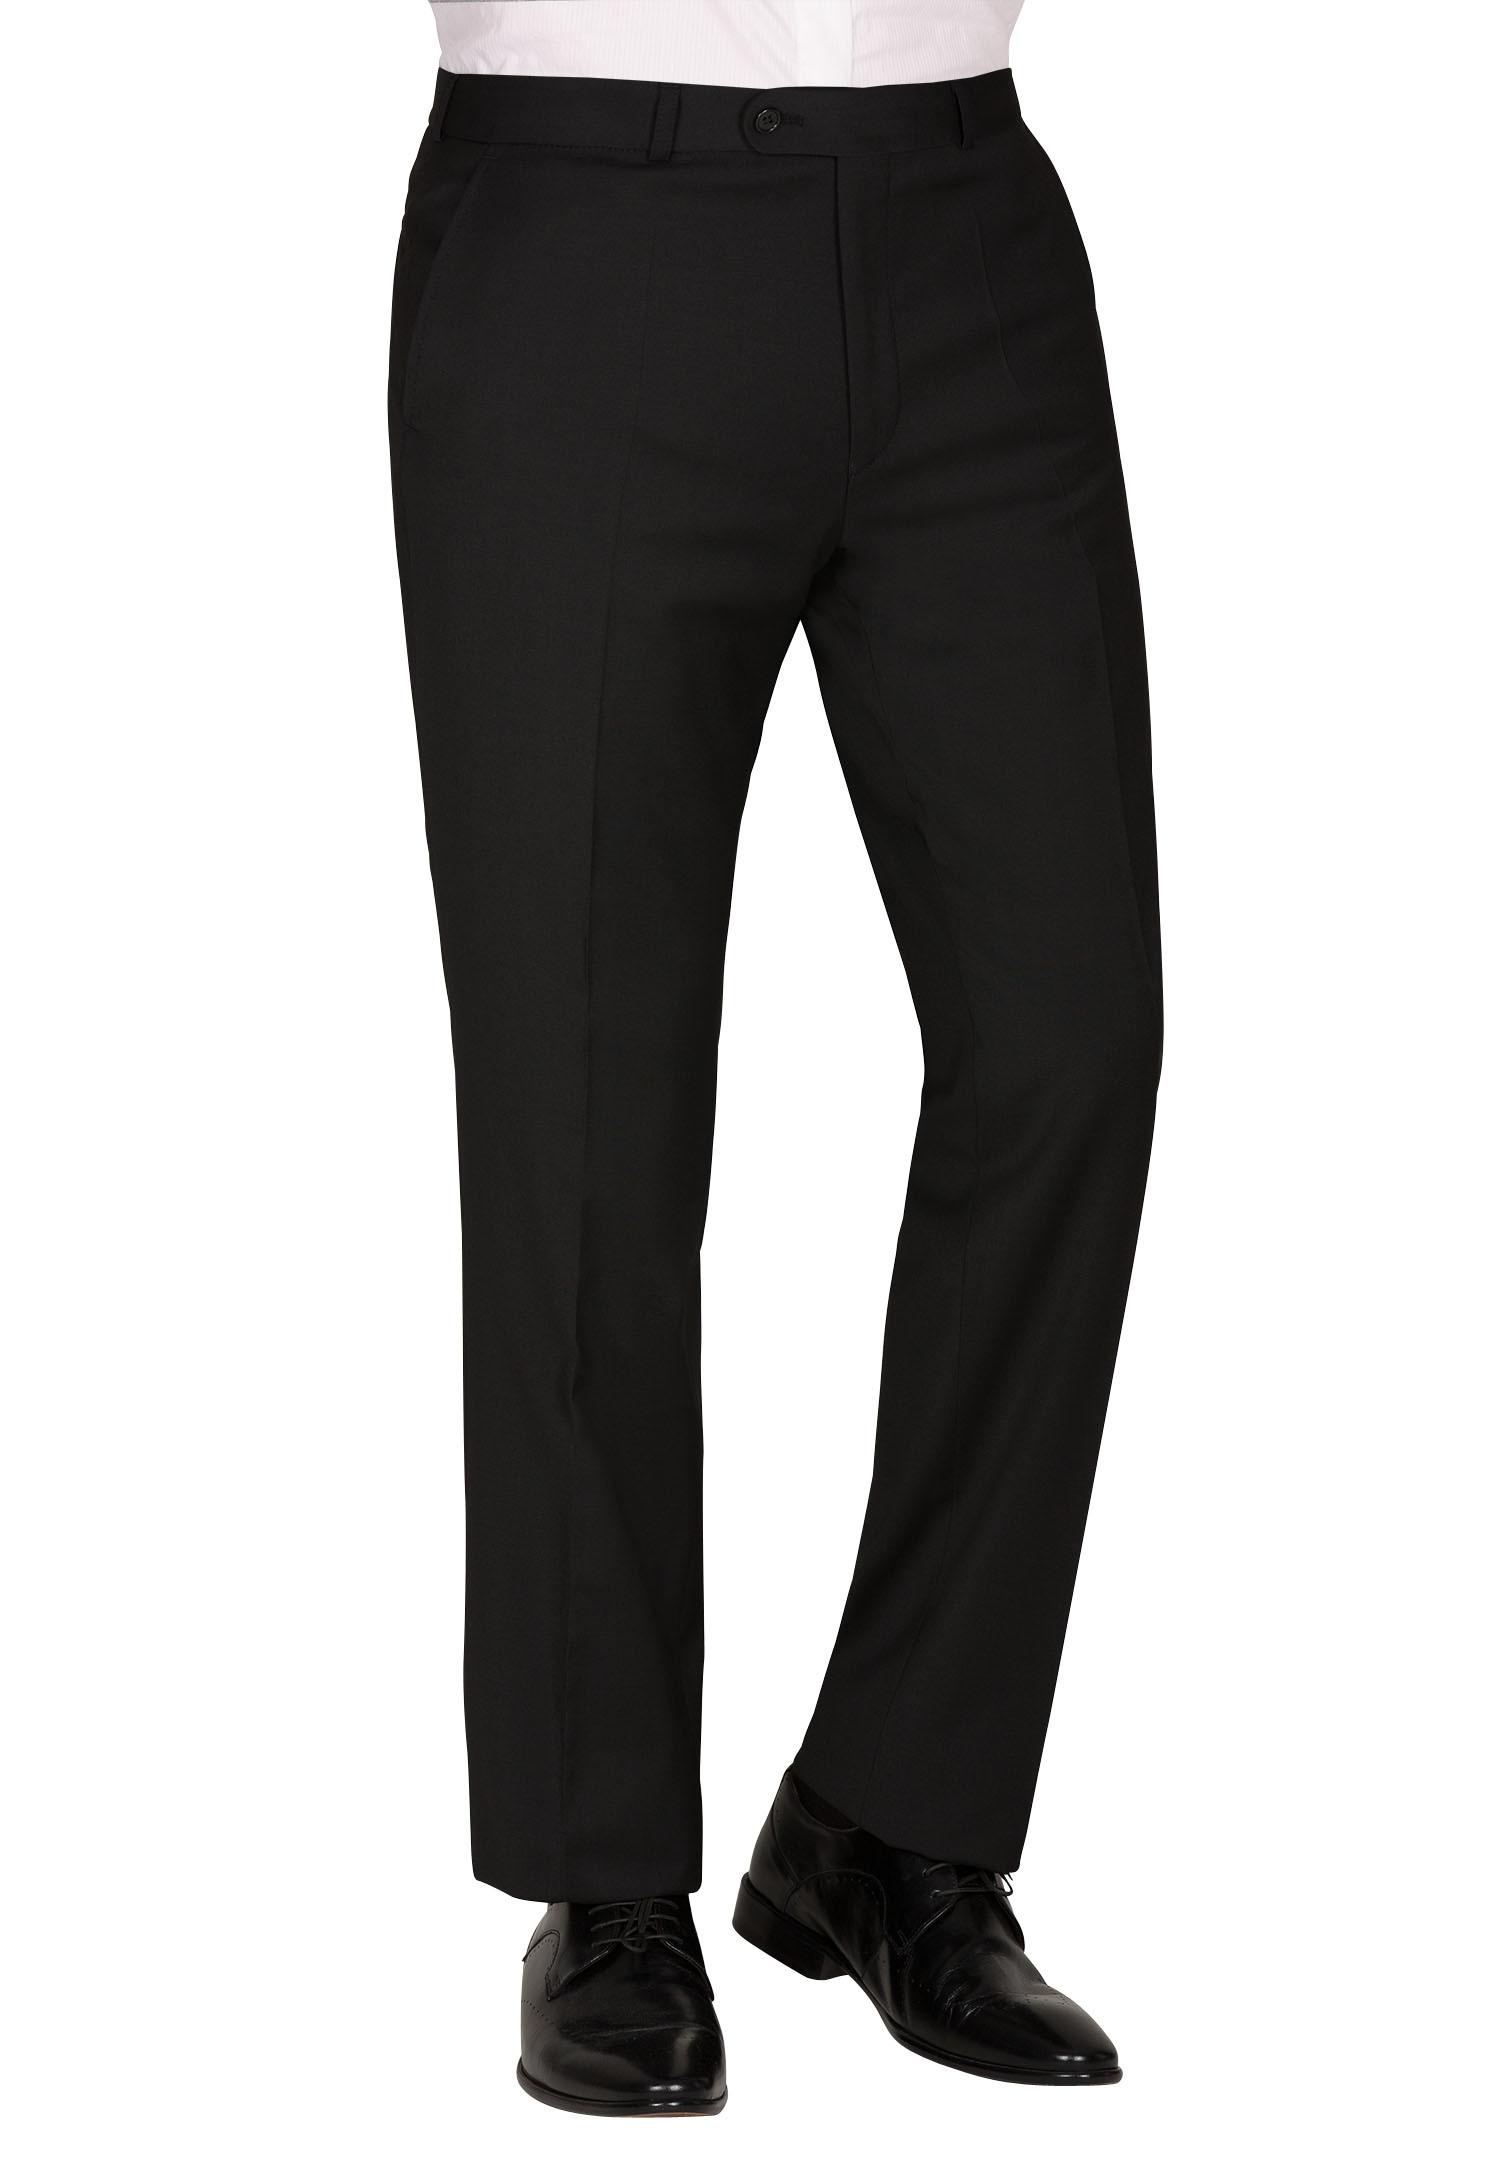 CARL GROSS Anzughose CG TR-Sascha_A | Bekleidung > Hosen > Anzughosen | Schwarz | Baumwolle | Carl Gross